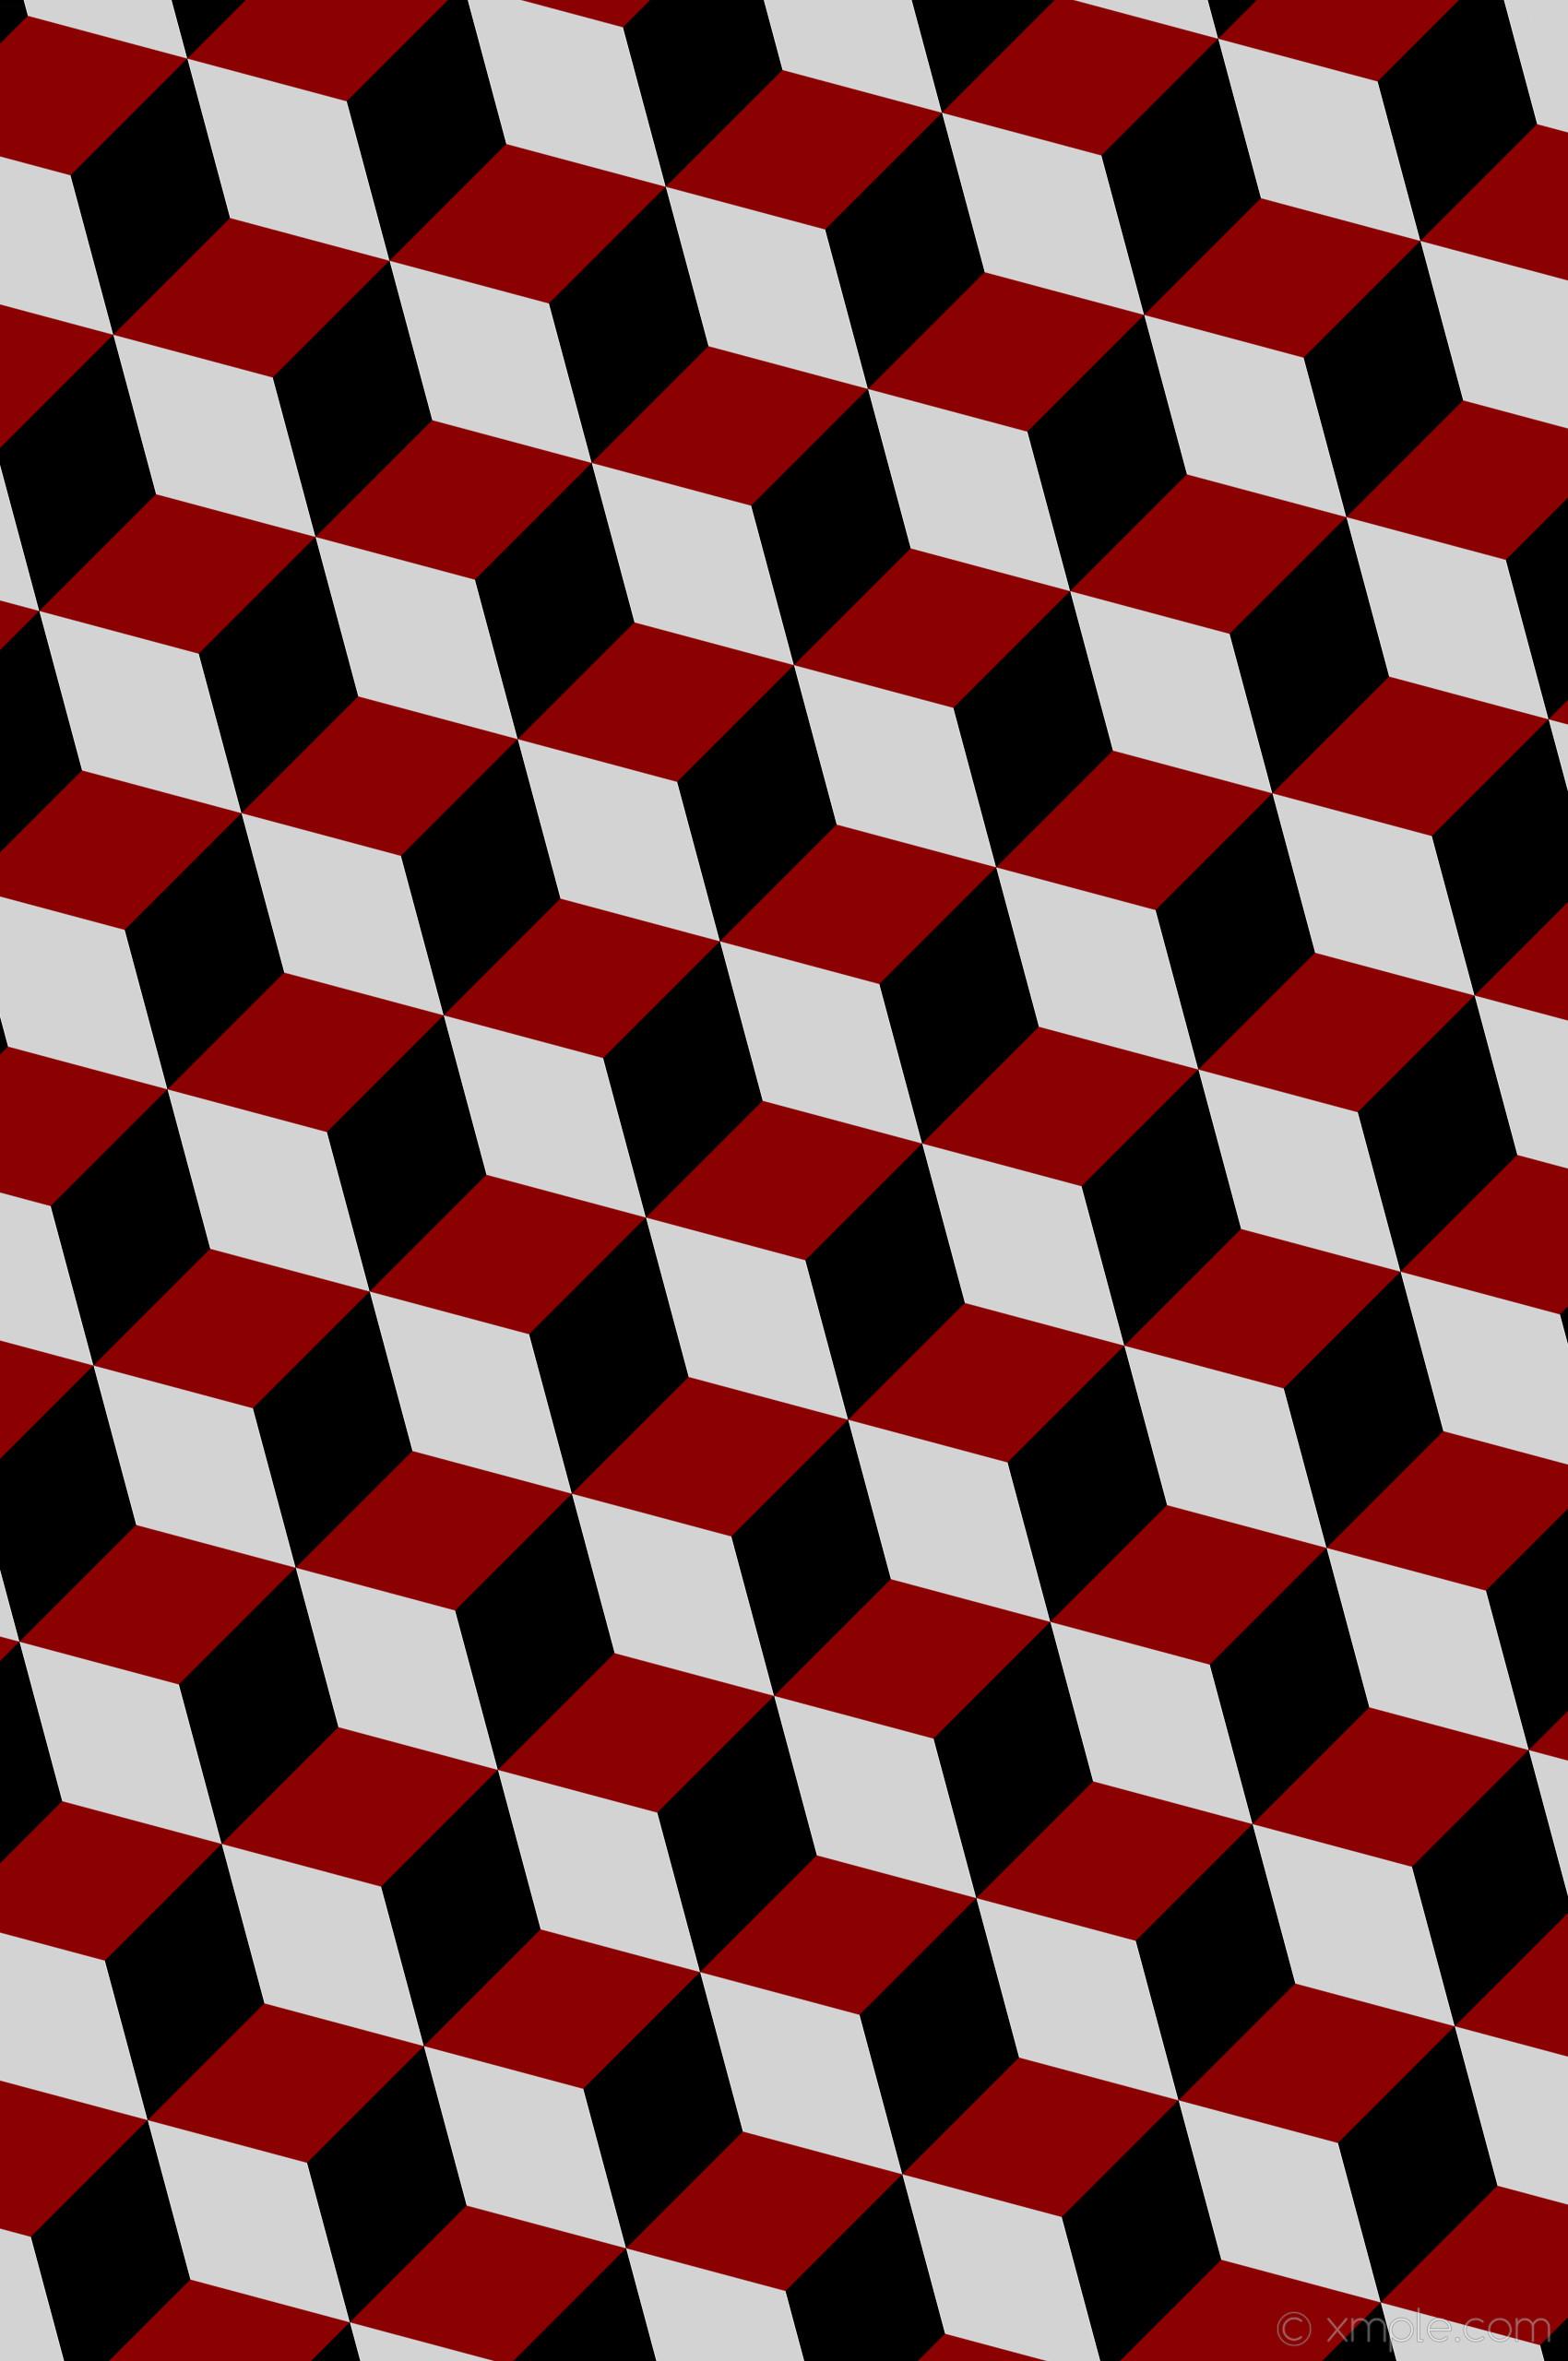 wallpaper grey 3d cubes red black dark red light gray #8b0000 #d3d3d3  #000000